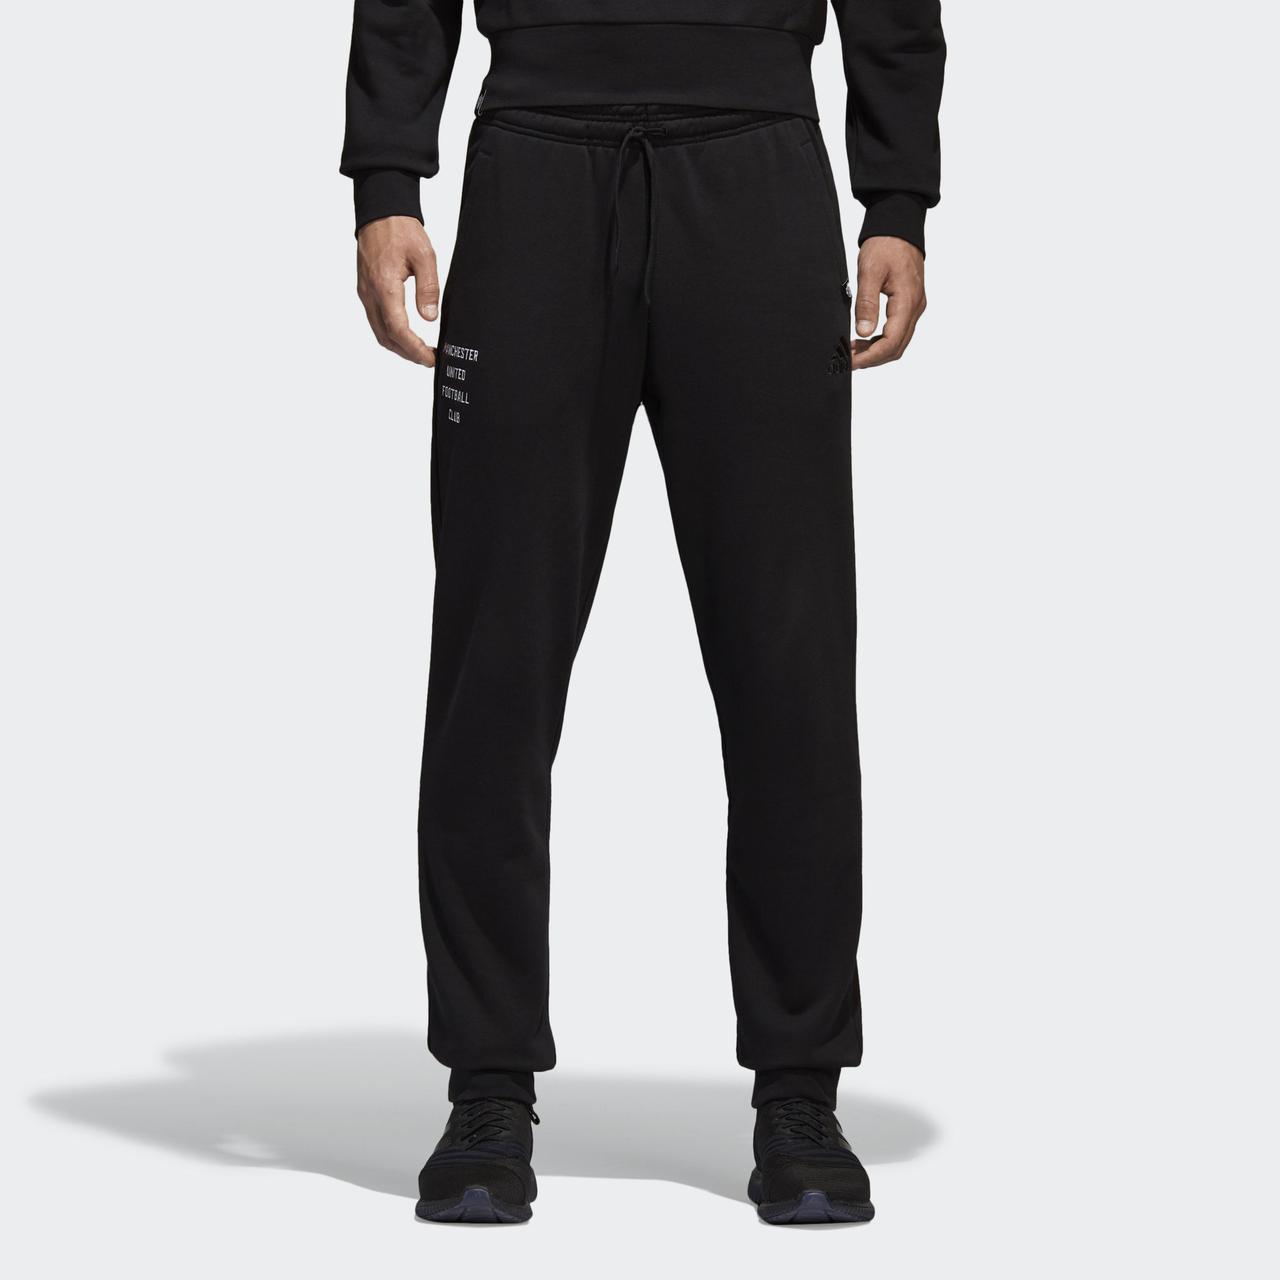 Манчестер юнайтед одежда интернет